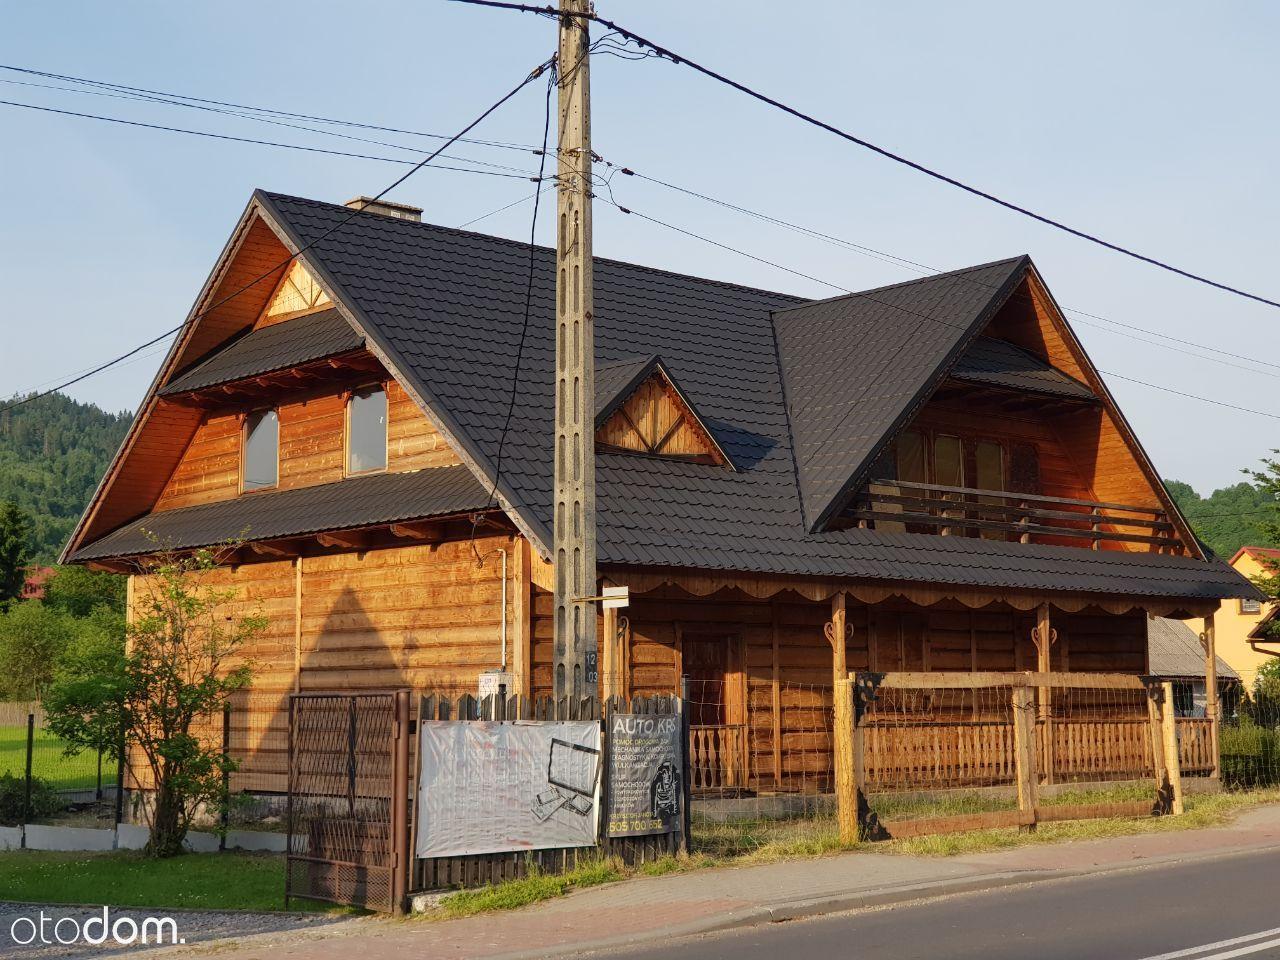 Dom mieszkalno-usługowy w Beskidzie Żywieckim